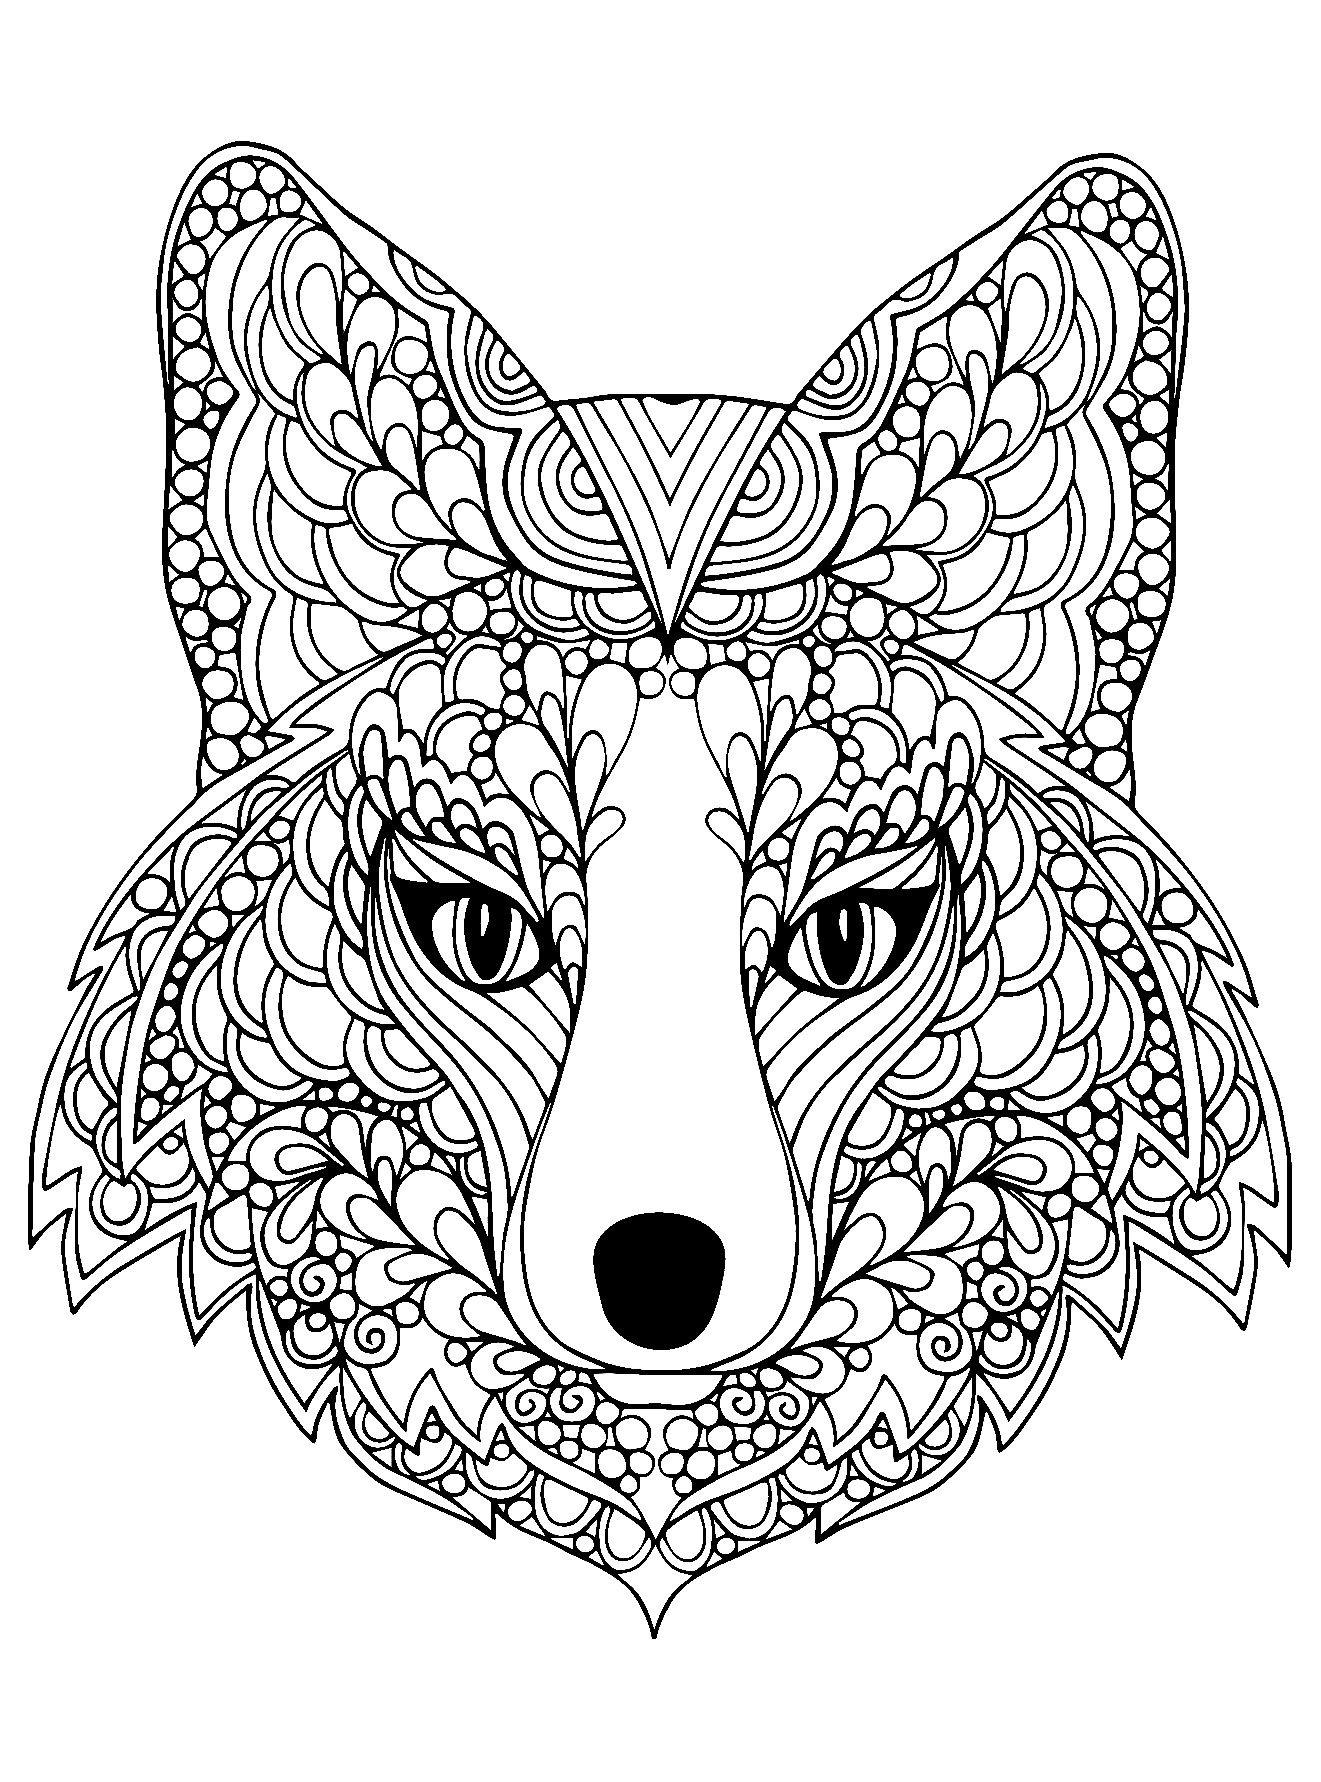 Joli coloriage d 39 une t te de renard a partir de la galerie animaux coloriages pinterest - Coloriage renard ...